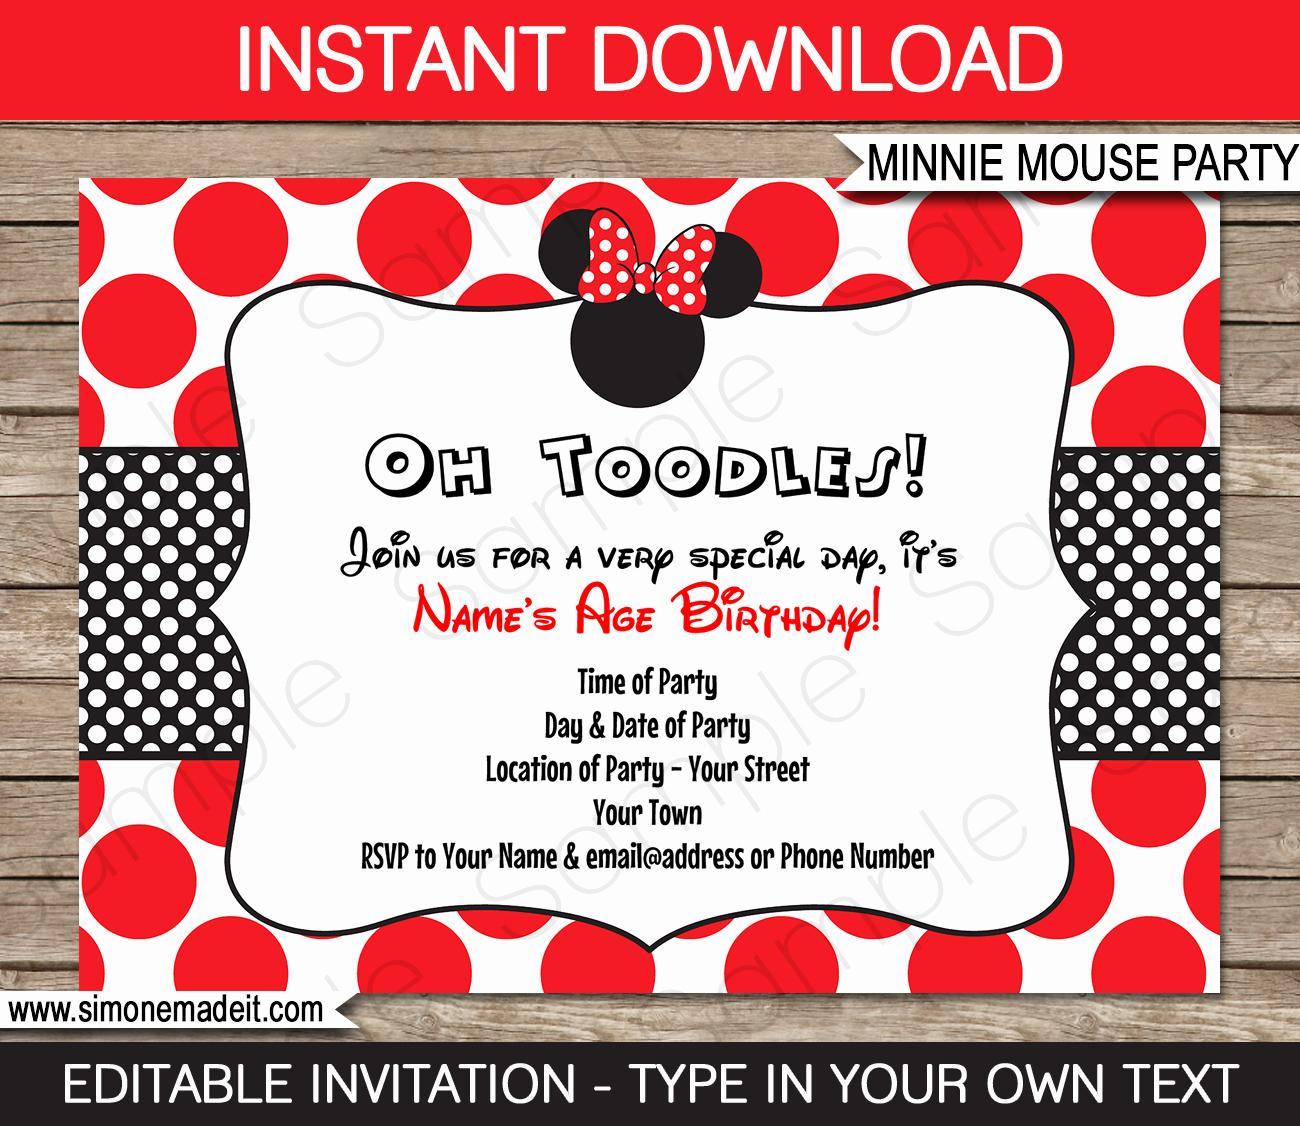 Editable Minnie Mouse Birthday Invitations Fresh Minnie Mouse Birthday Party Invitations Template